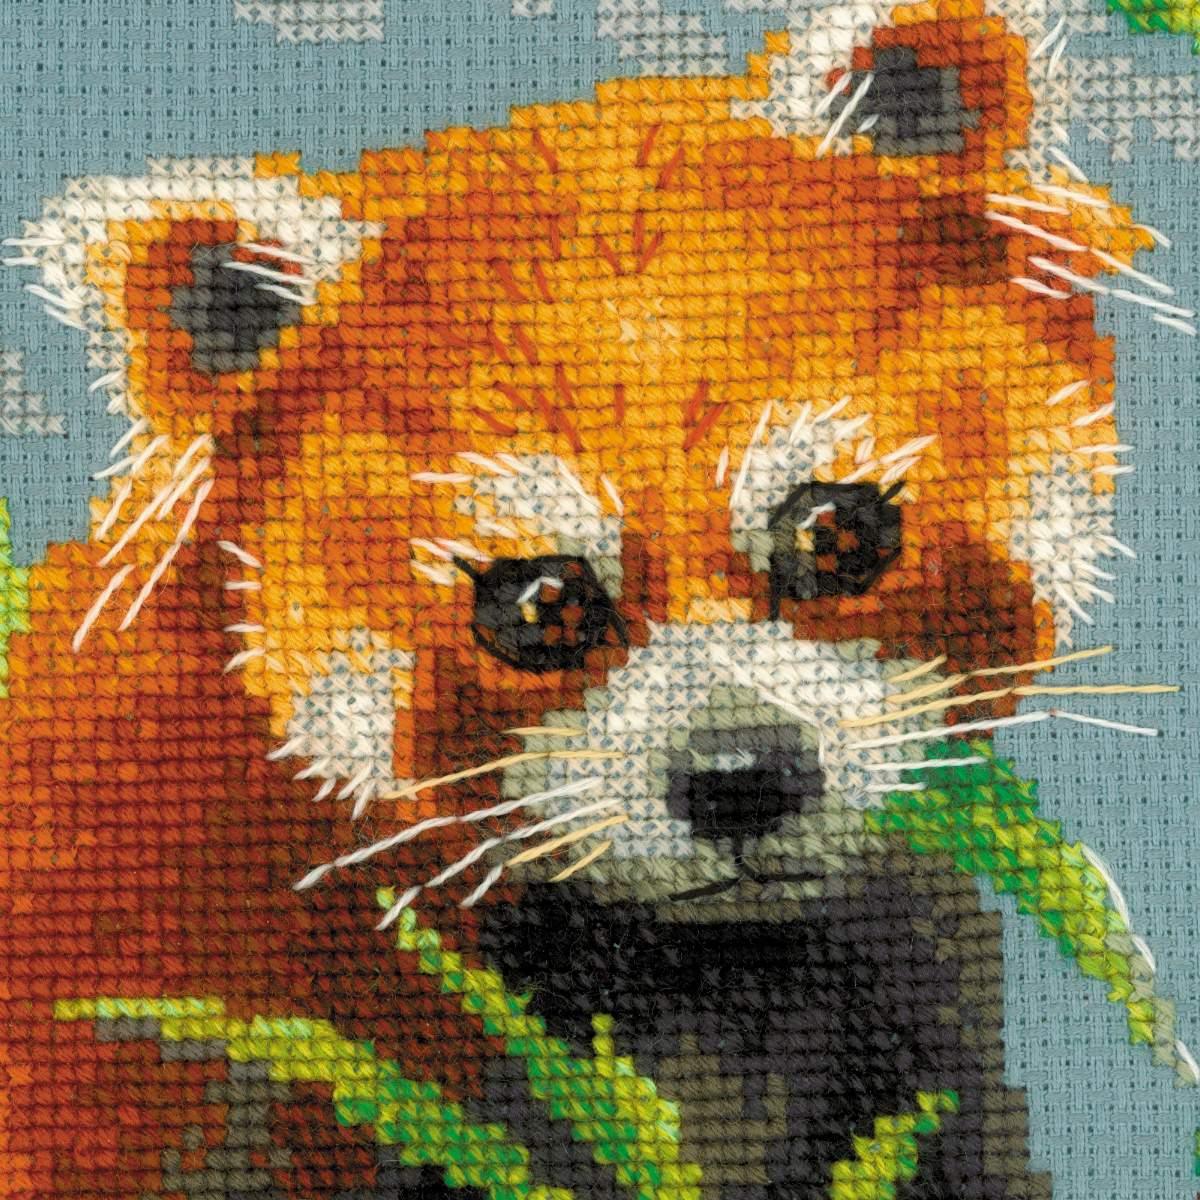 вышивка панды